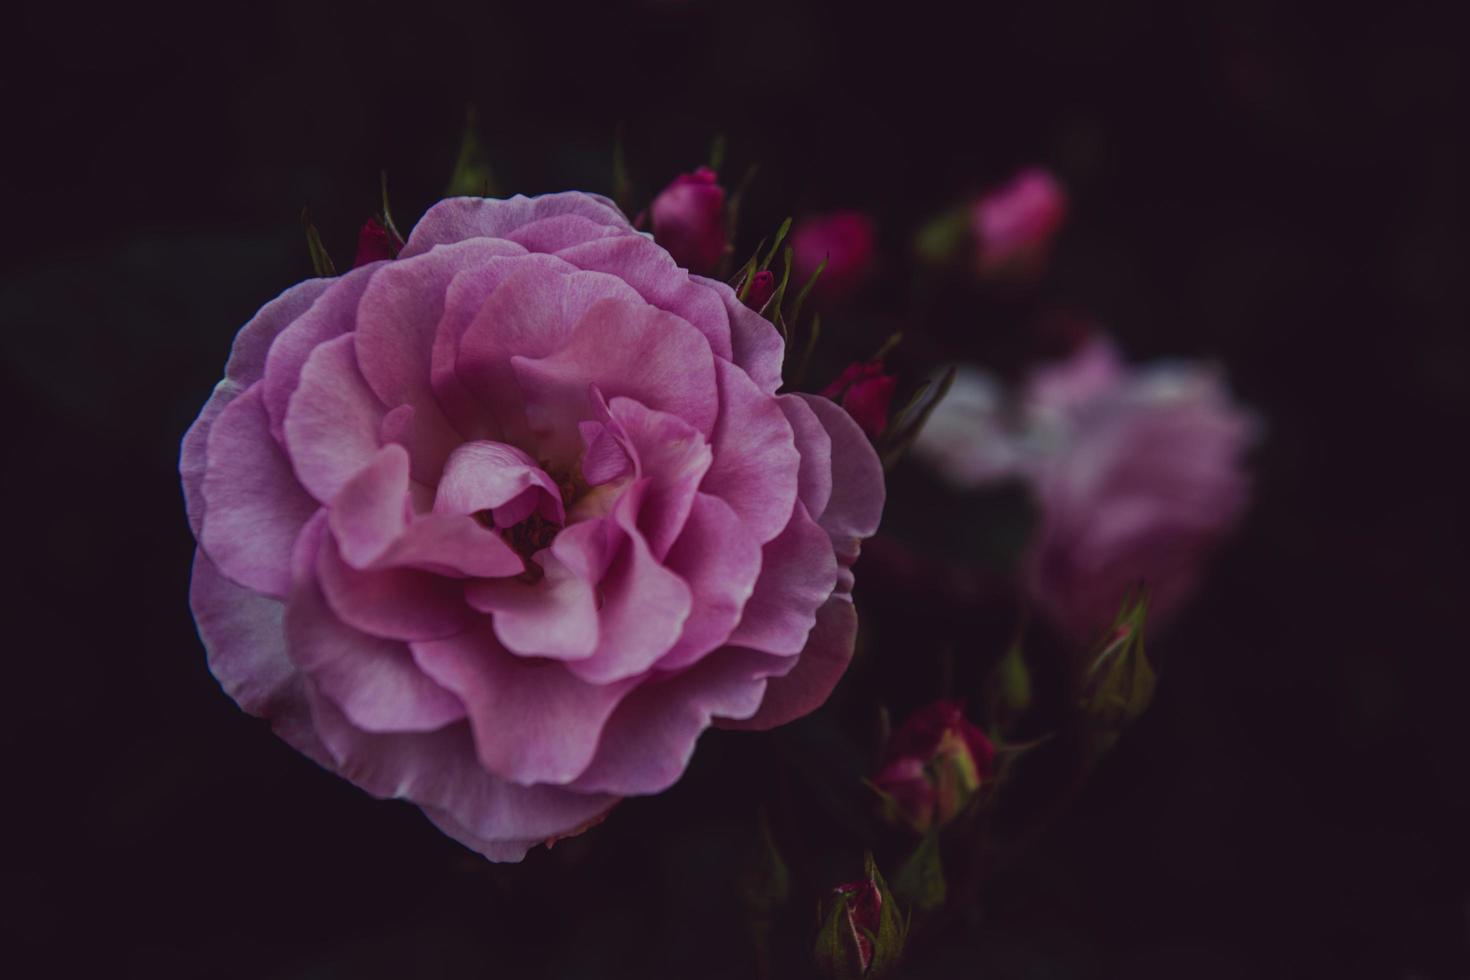 fleur rose discrète photo